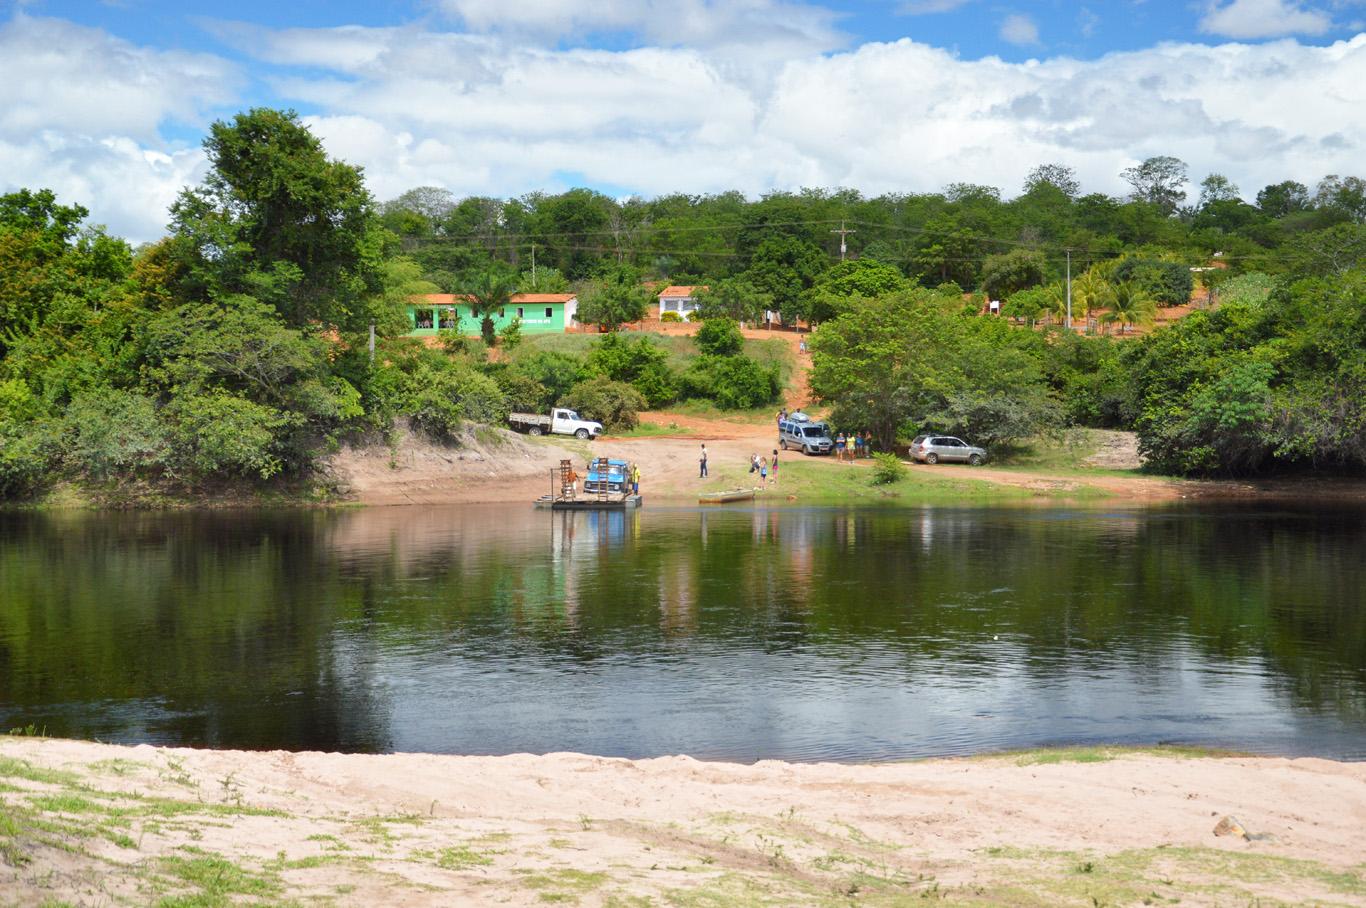 Crossing the Paraguacu River